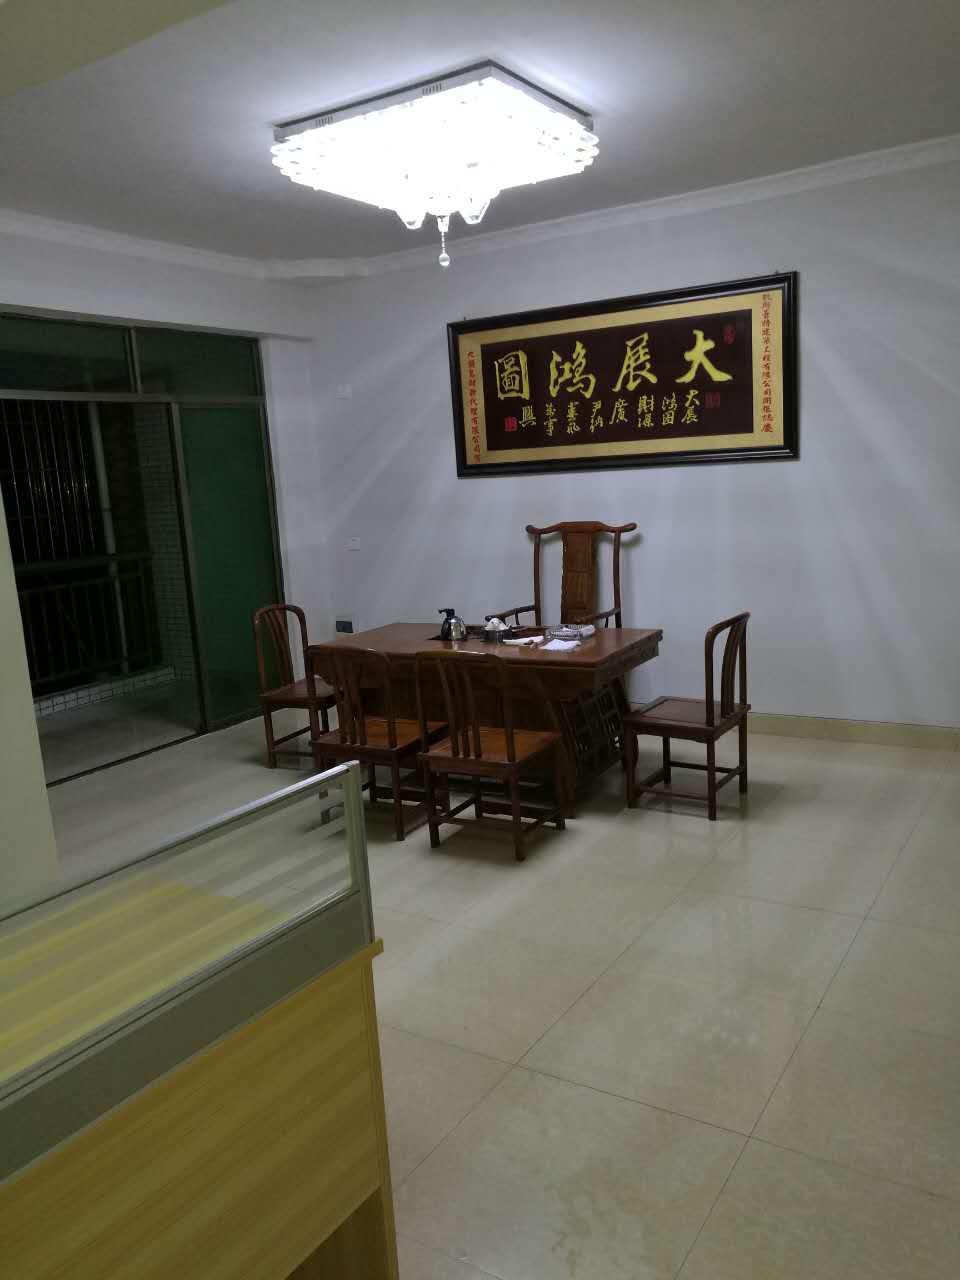 深圳公明楼村小产权三房110平米58万,户型方正实用 跳蚤市场 个人房源 深圳 三房二厅 第10张